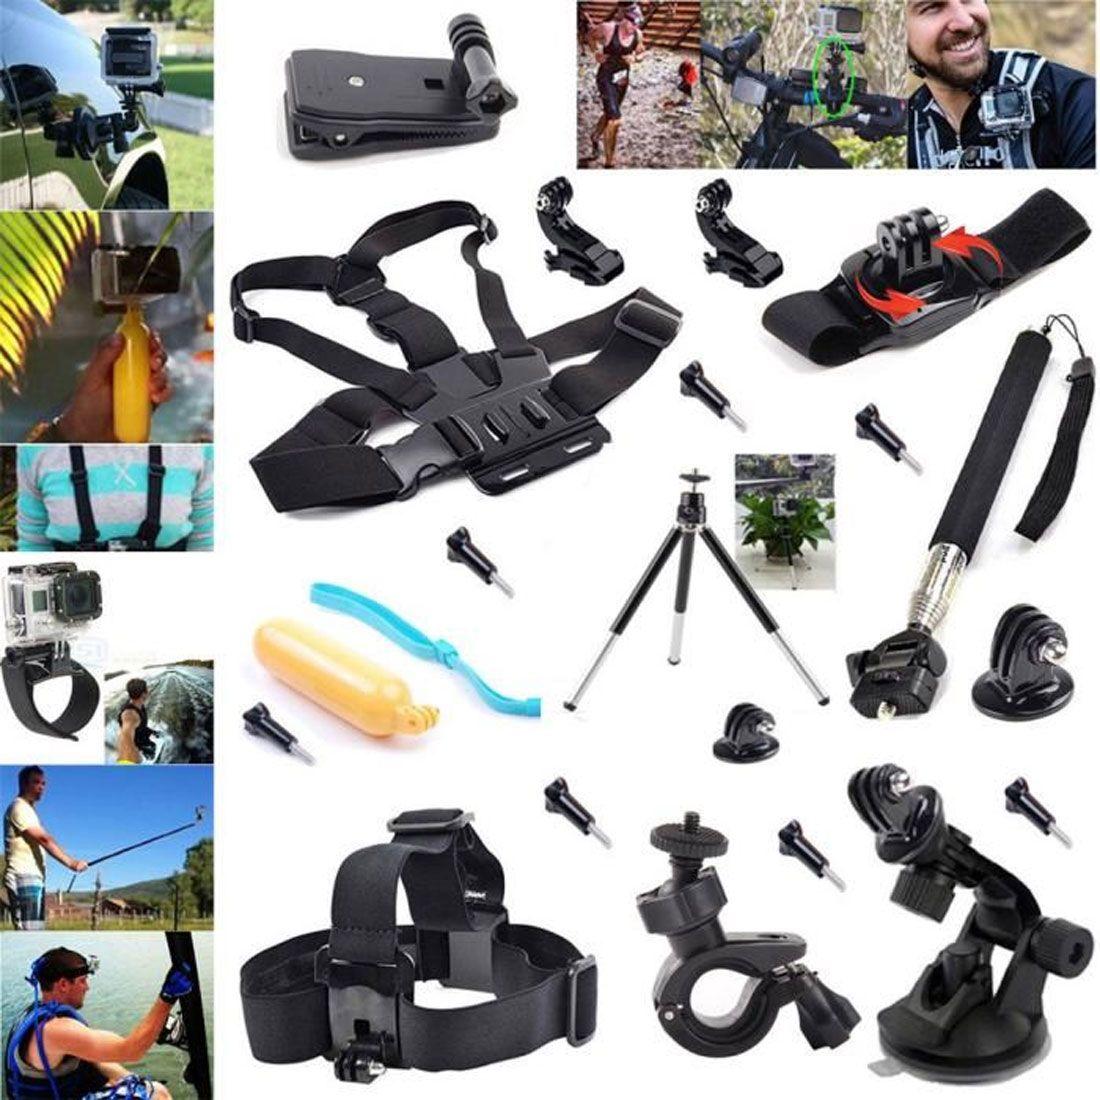 20en1 kit d'accessoires Pour Gopro Hero 2 3+ 4 SJ4000 Xiaomi Sports Action Cam�ra T�te Poitrine Grip